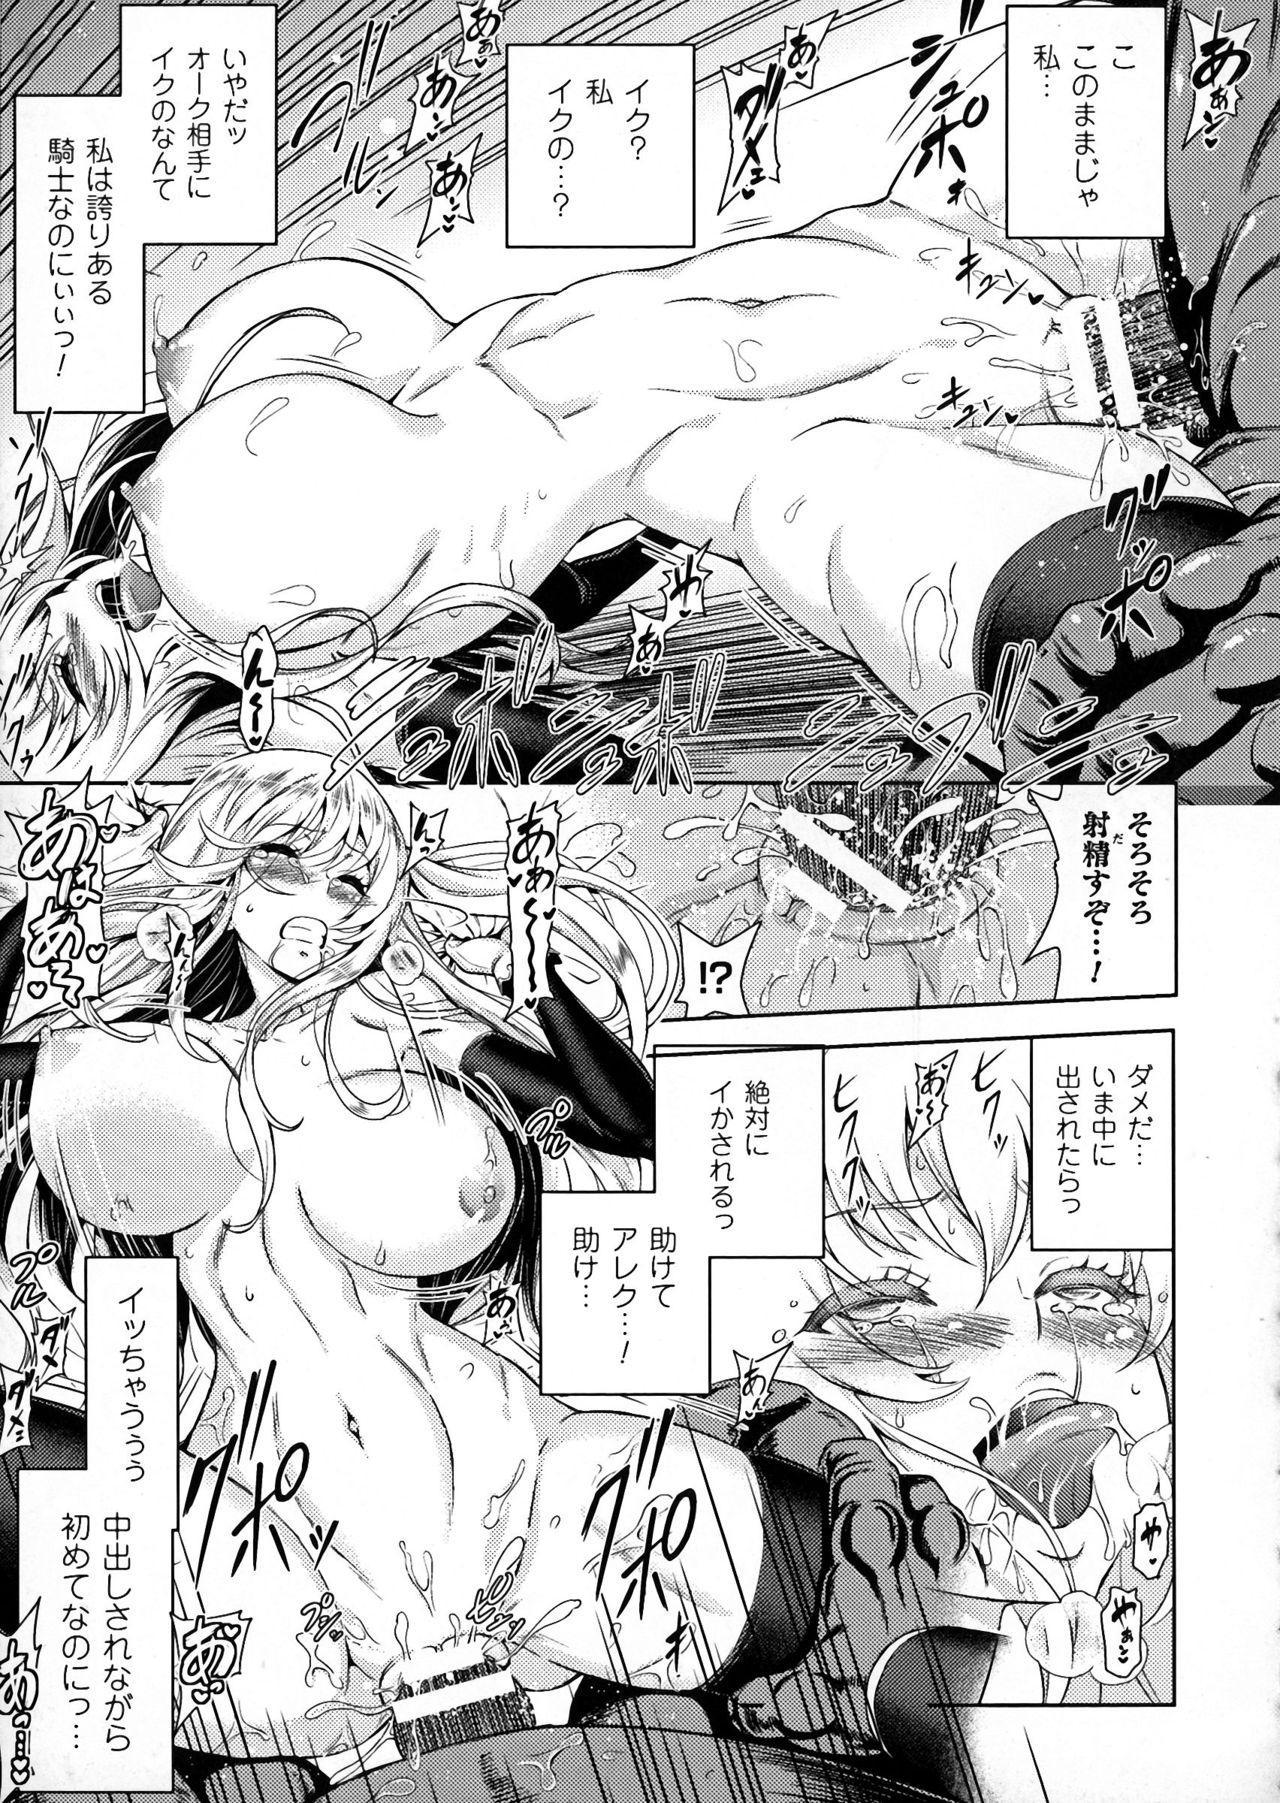 ERONA Orc no Inmon ni Okasareta Onna Kishi no Matsuro Ch. 1-6 20